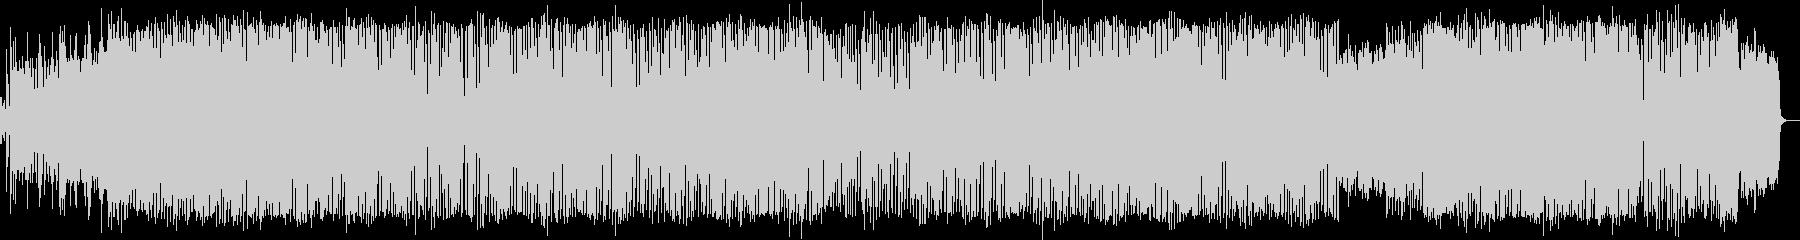 ピアノとシンセがメインのハウス風BGMの未再生の波形